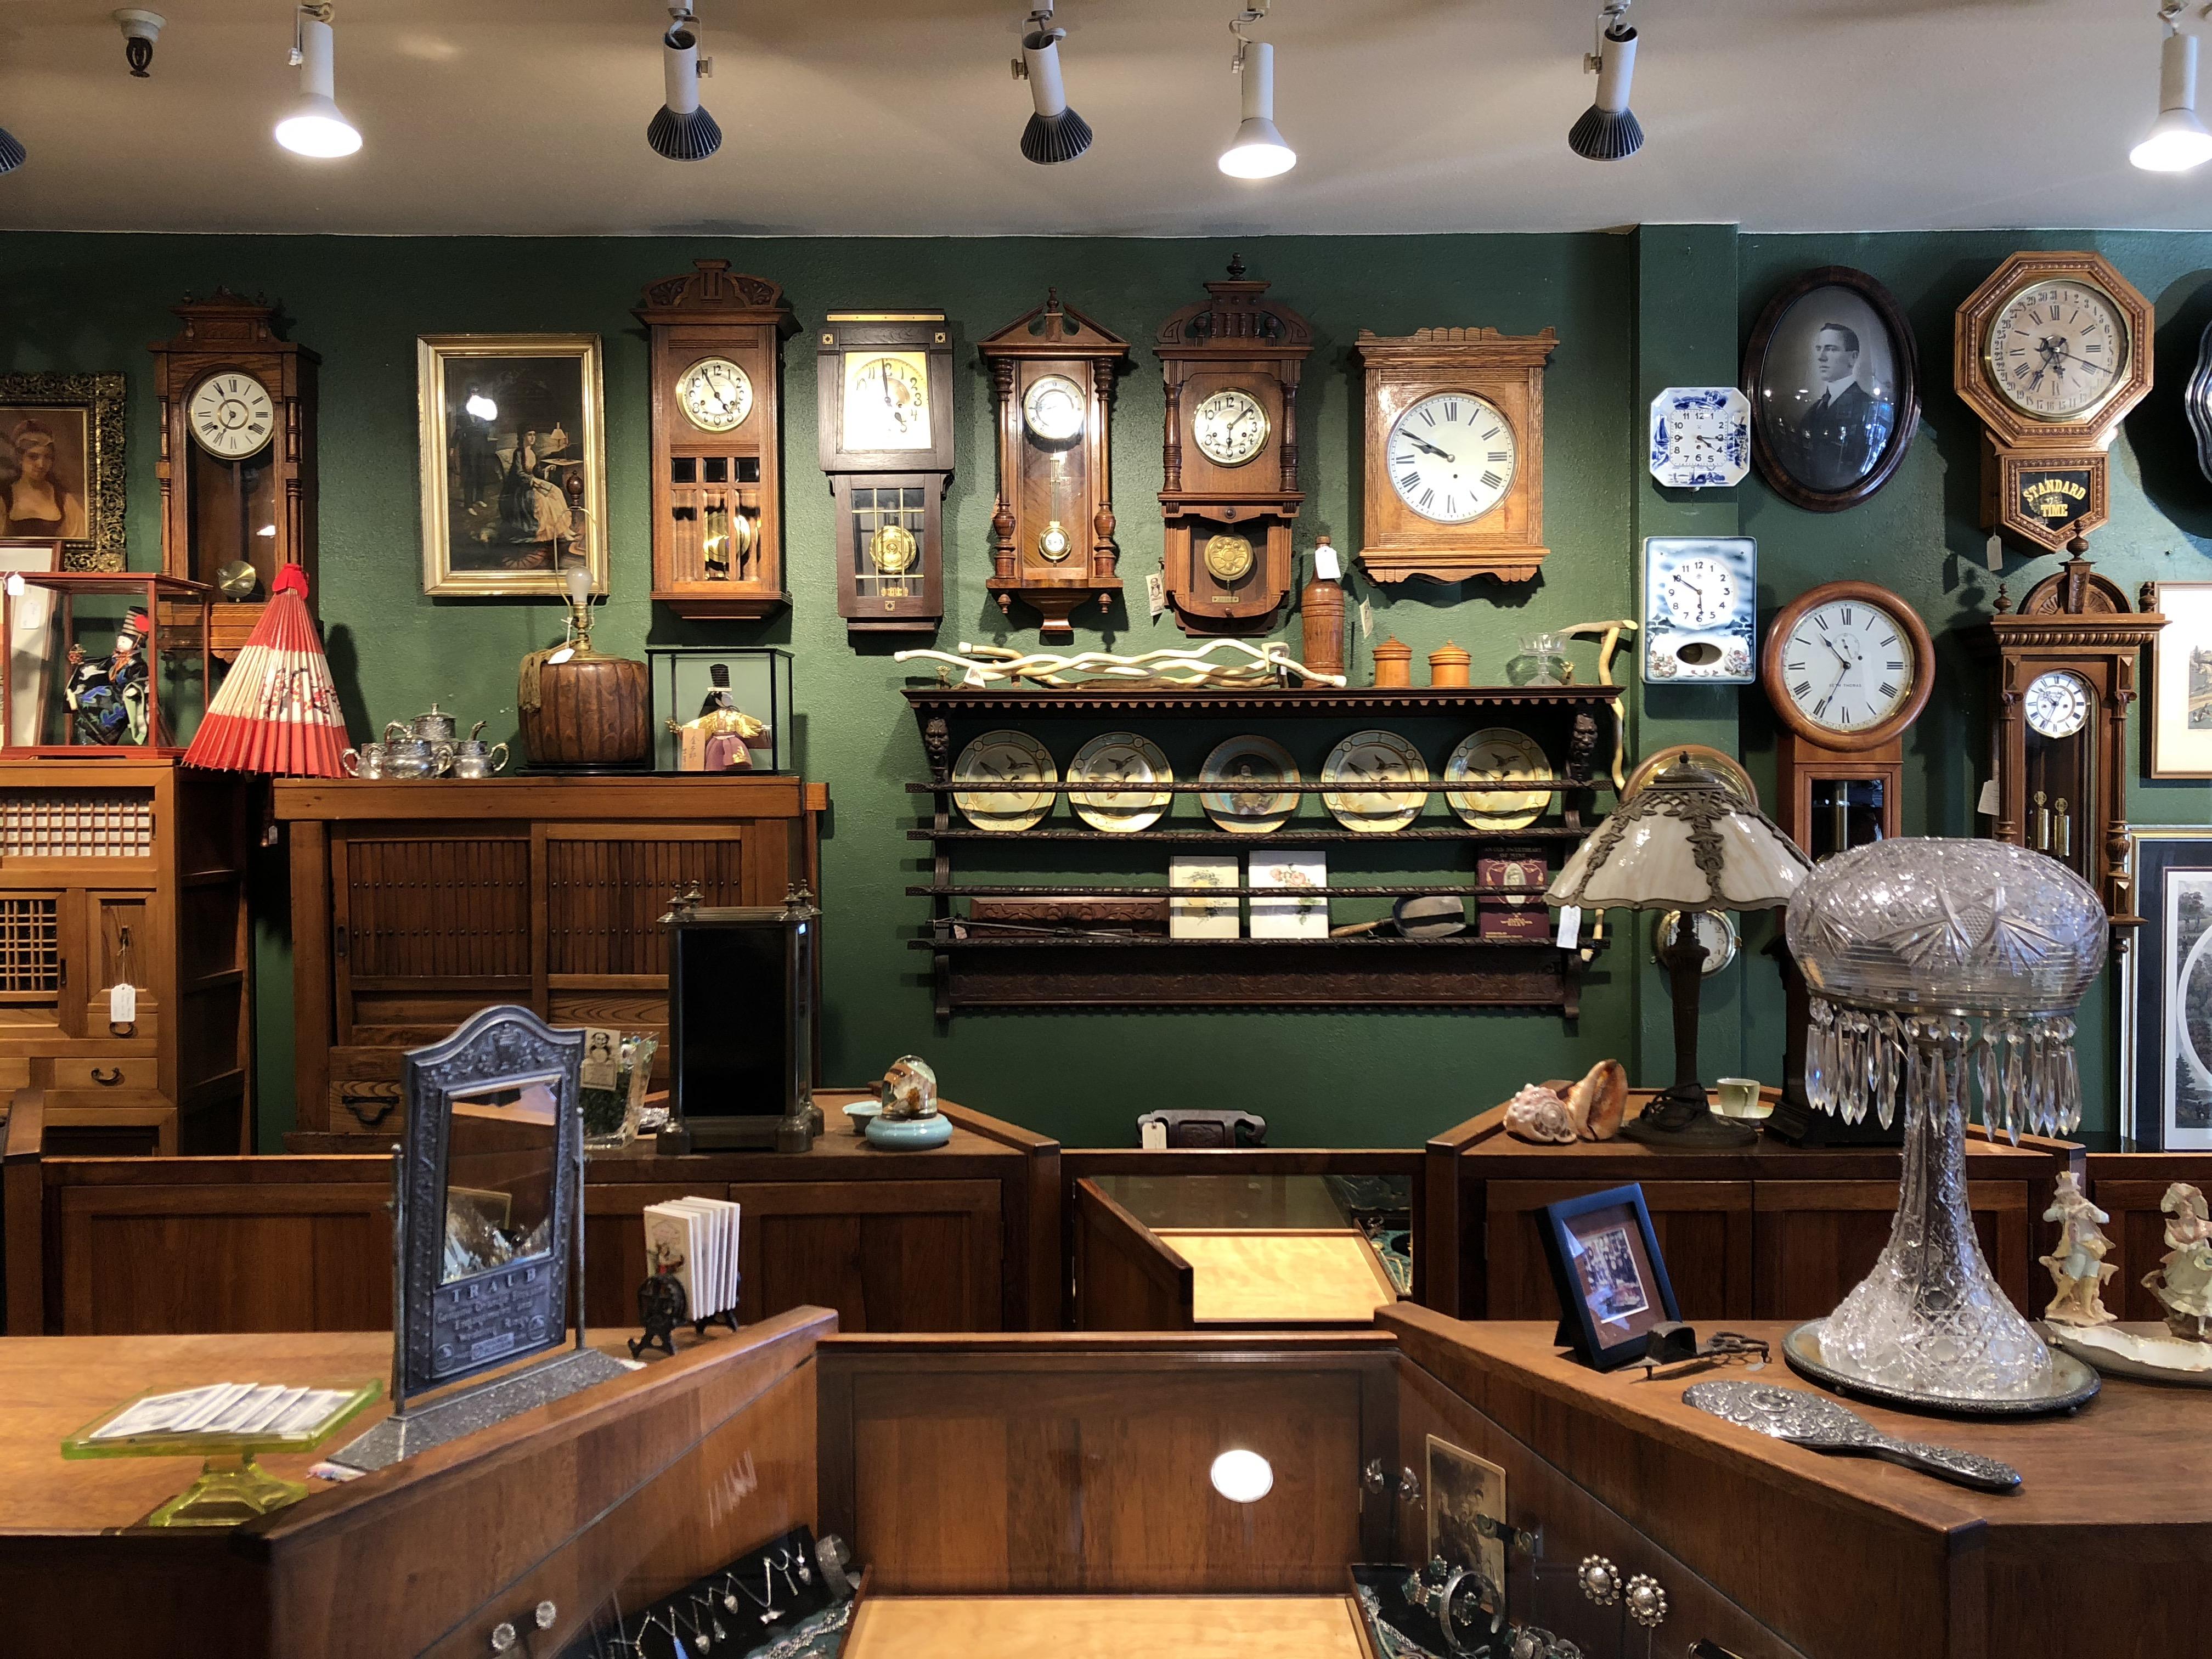 Antique furniture and clocks